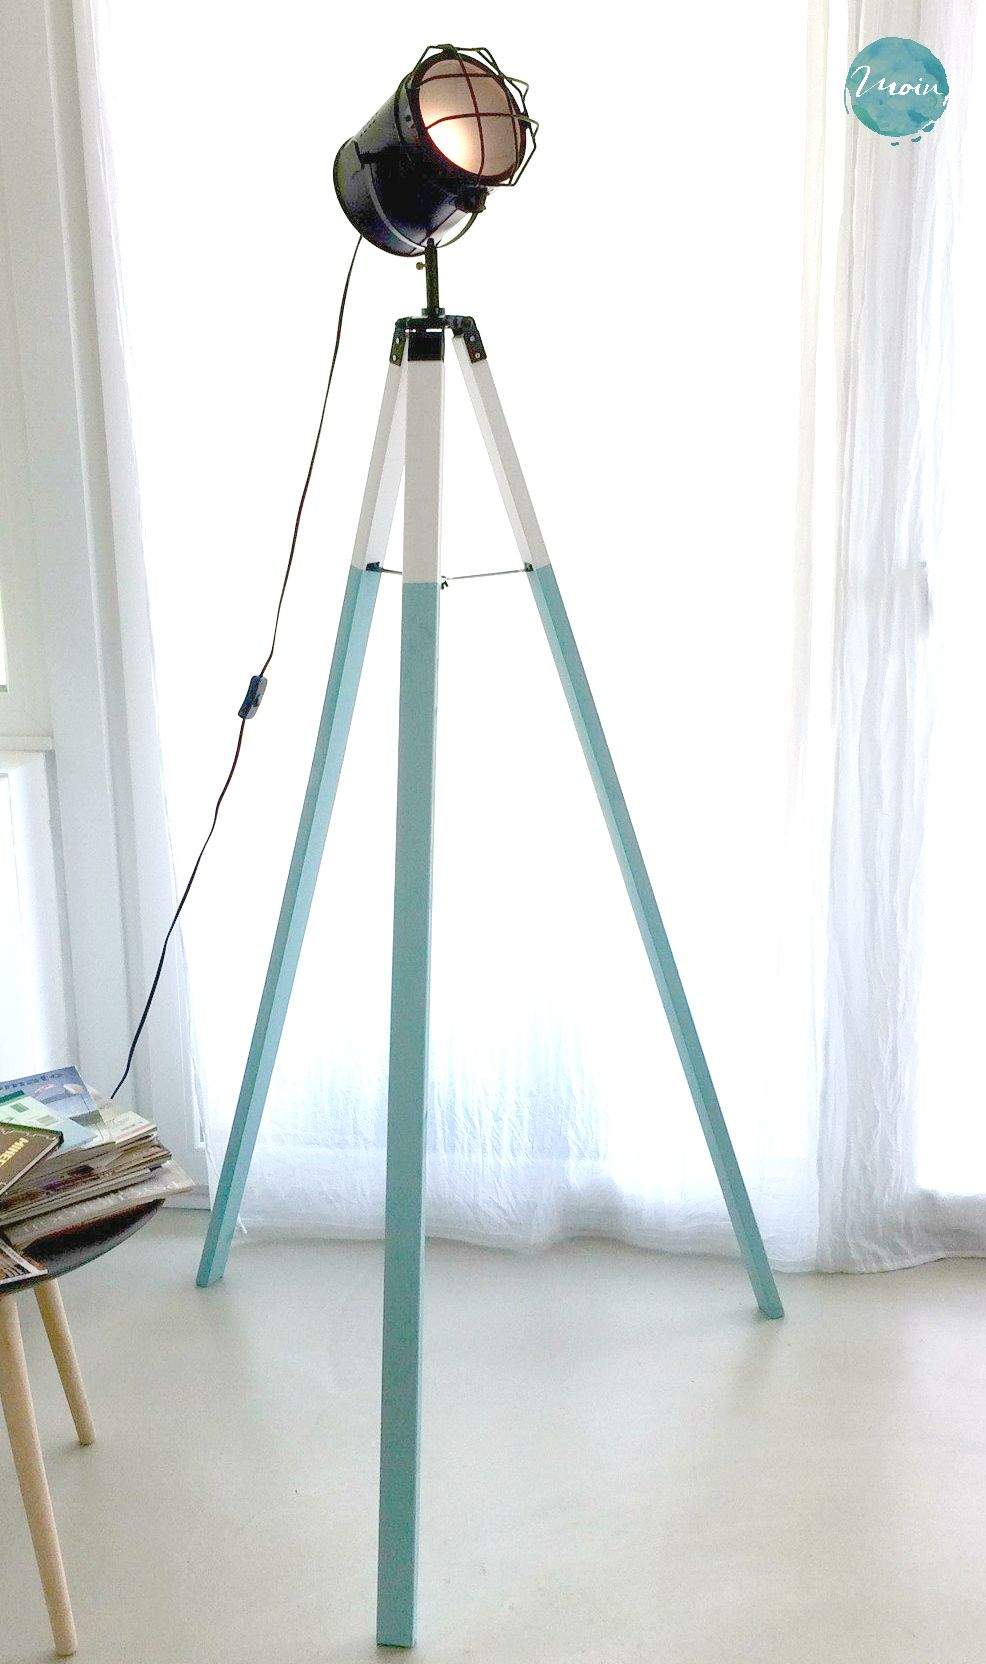 Ansprechend Stehlampe Industrial Galerie Von Design